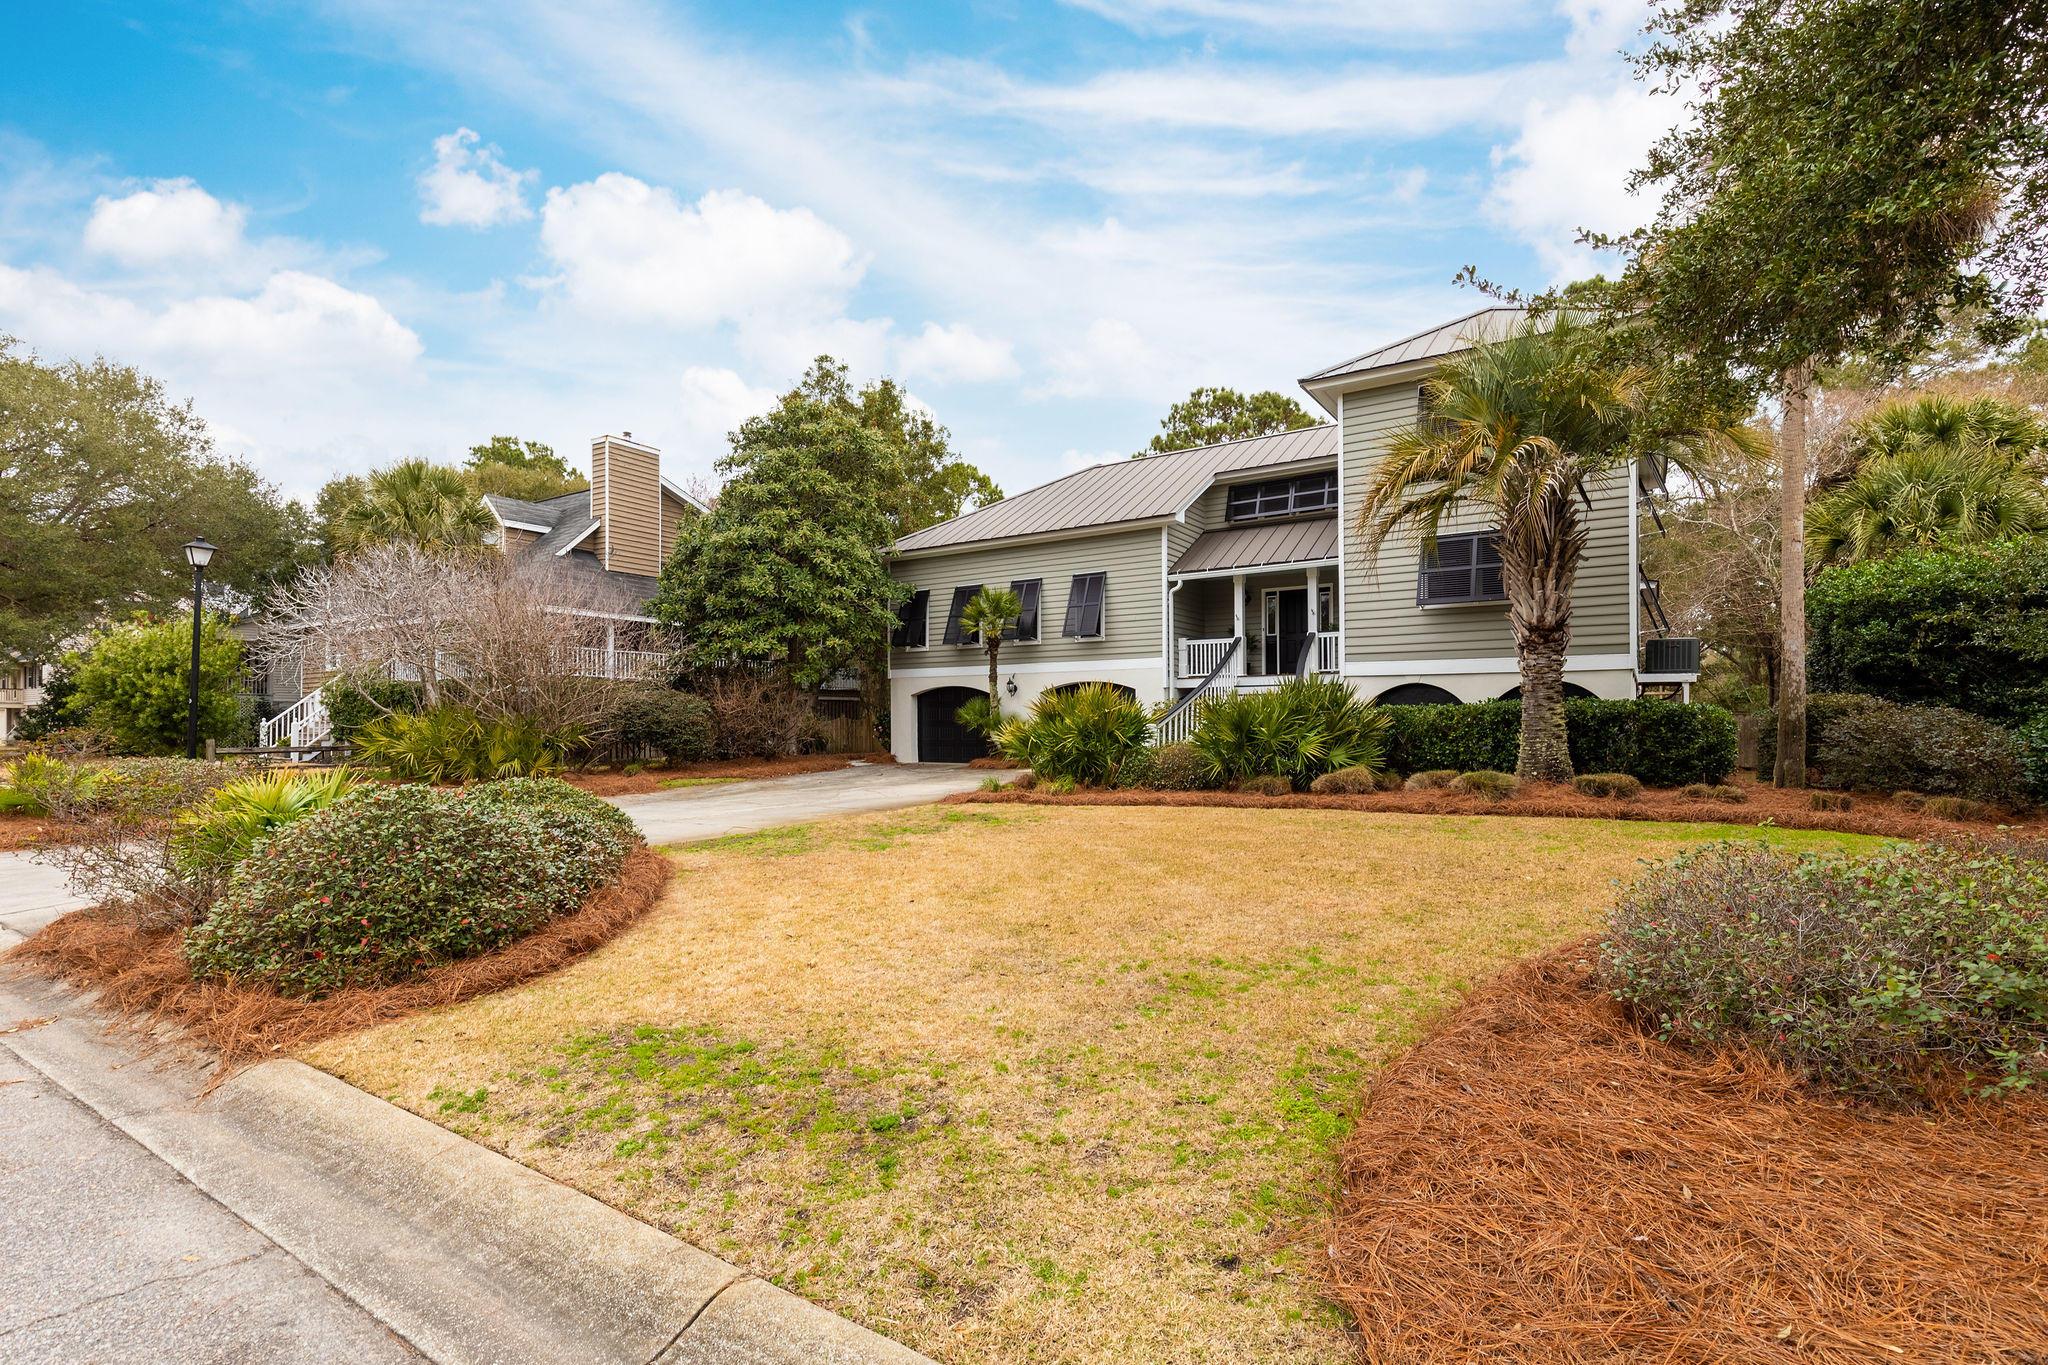 Oakhaven Plantation Homes For Sale - 1484 Pine Island View, Mount Pleasant, SC - 22